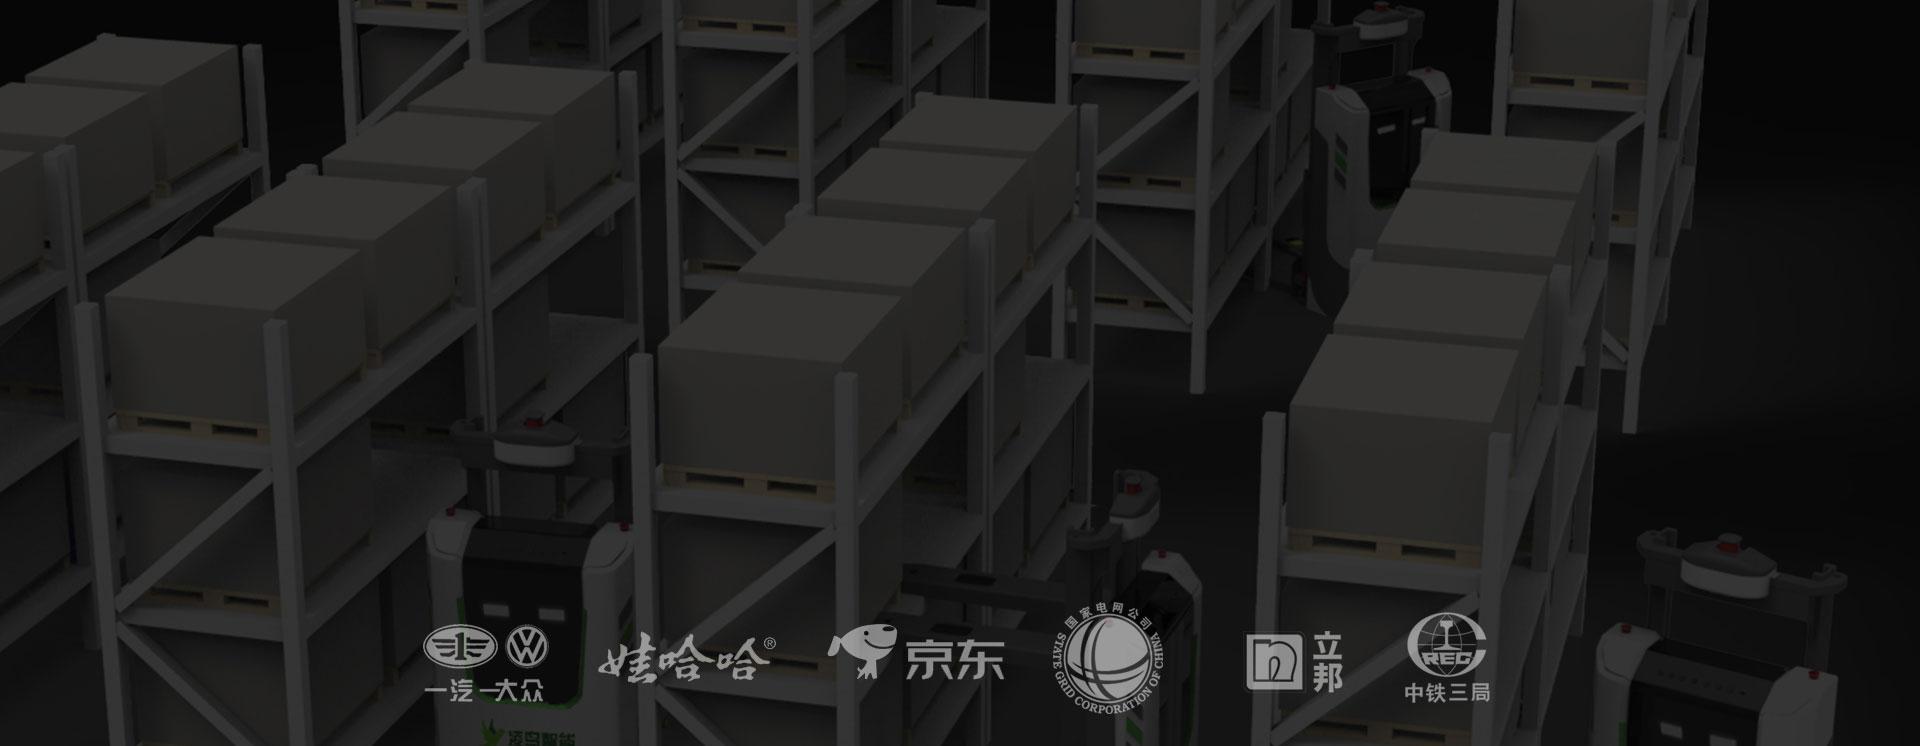 凌鸟智能叉车AGV解决方案,全行业覆盖,一站式解决;已成功为电商物流、电力、生物医药、轮胎等不同的行业提供了具有前瞻性的系统化的AGV小车解决方案